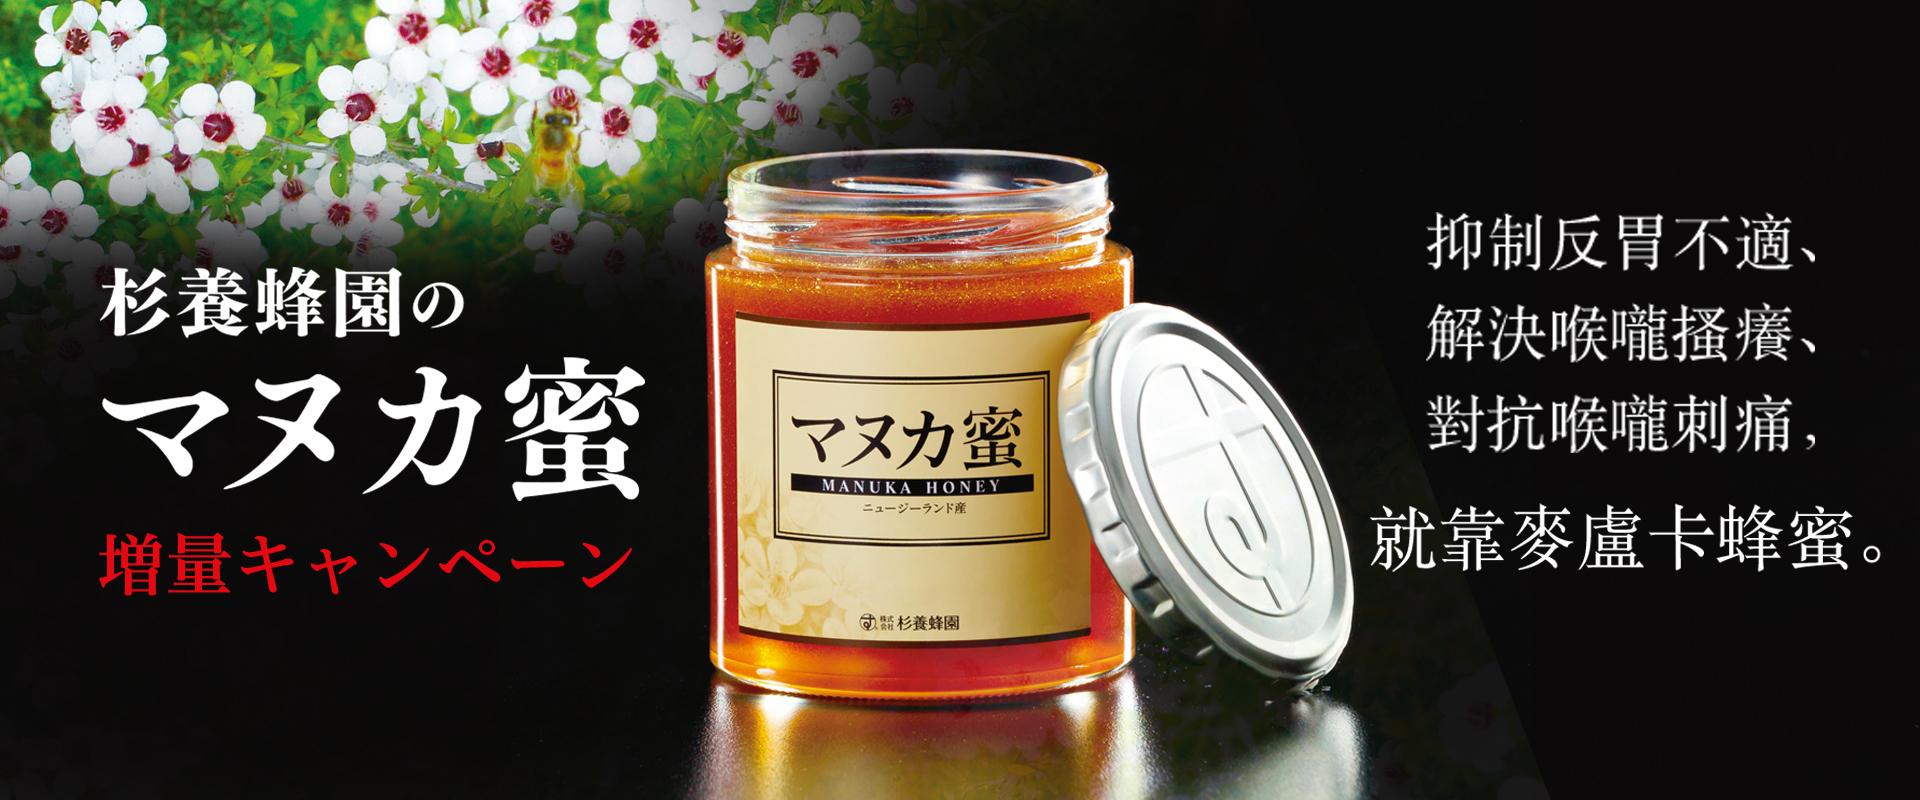 麥盧卡蜂蜜增量優惠